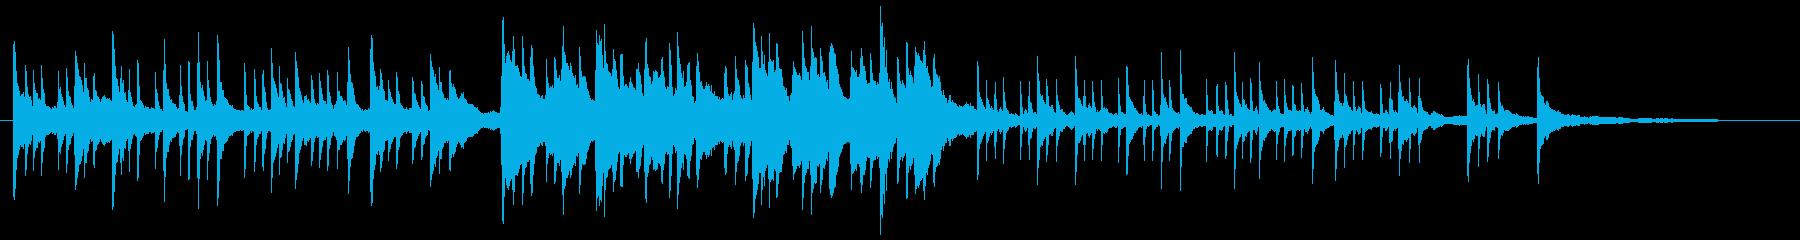 ピアノによるグレゴリオ聖歌の再生済みの波形